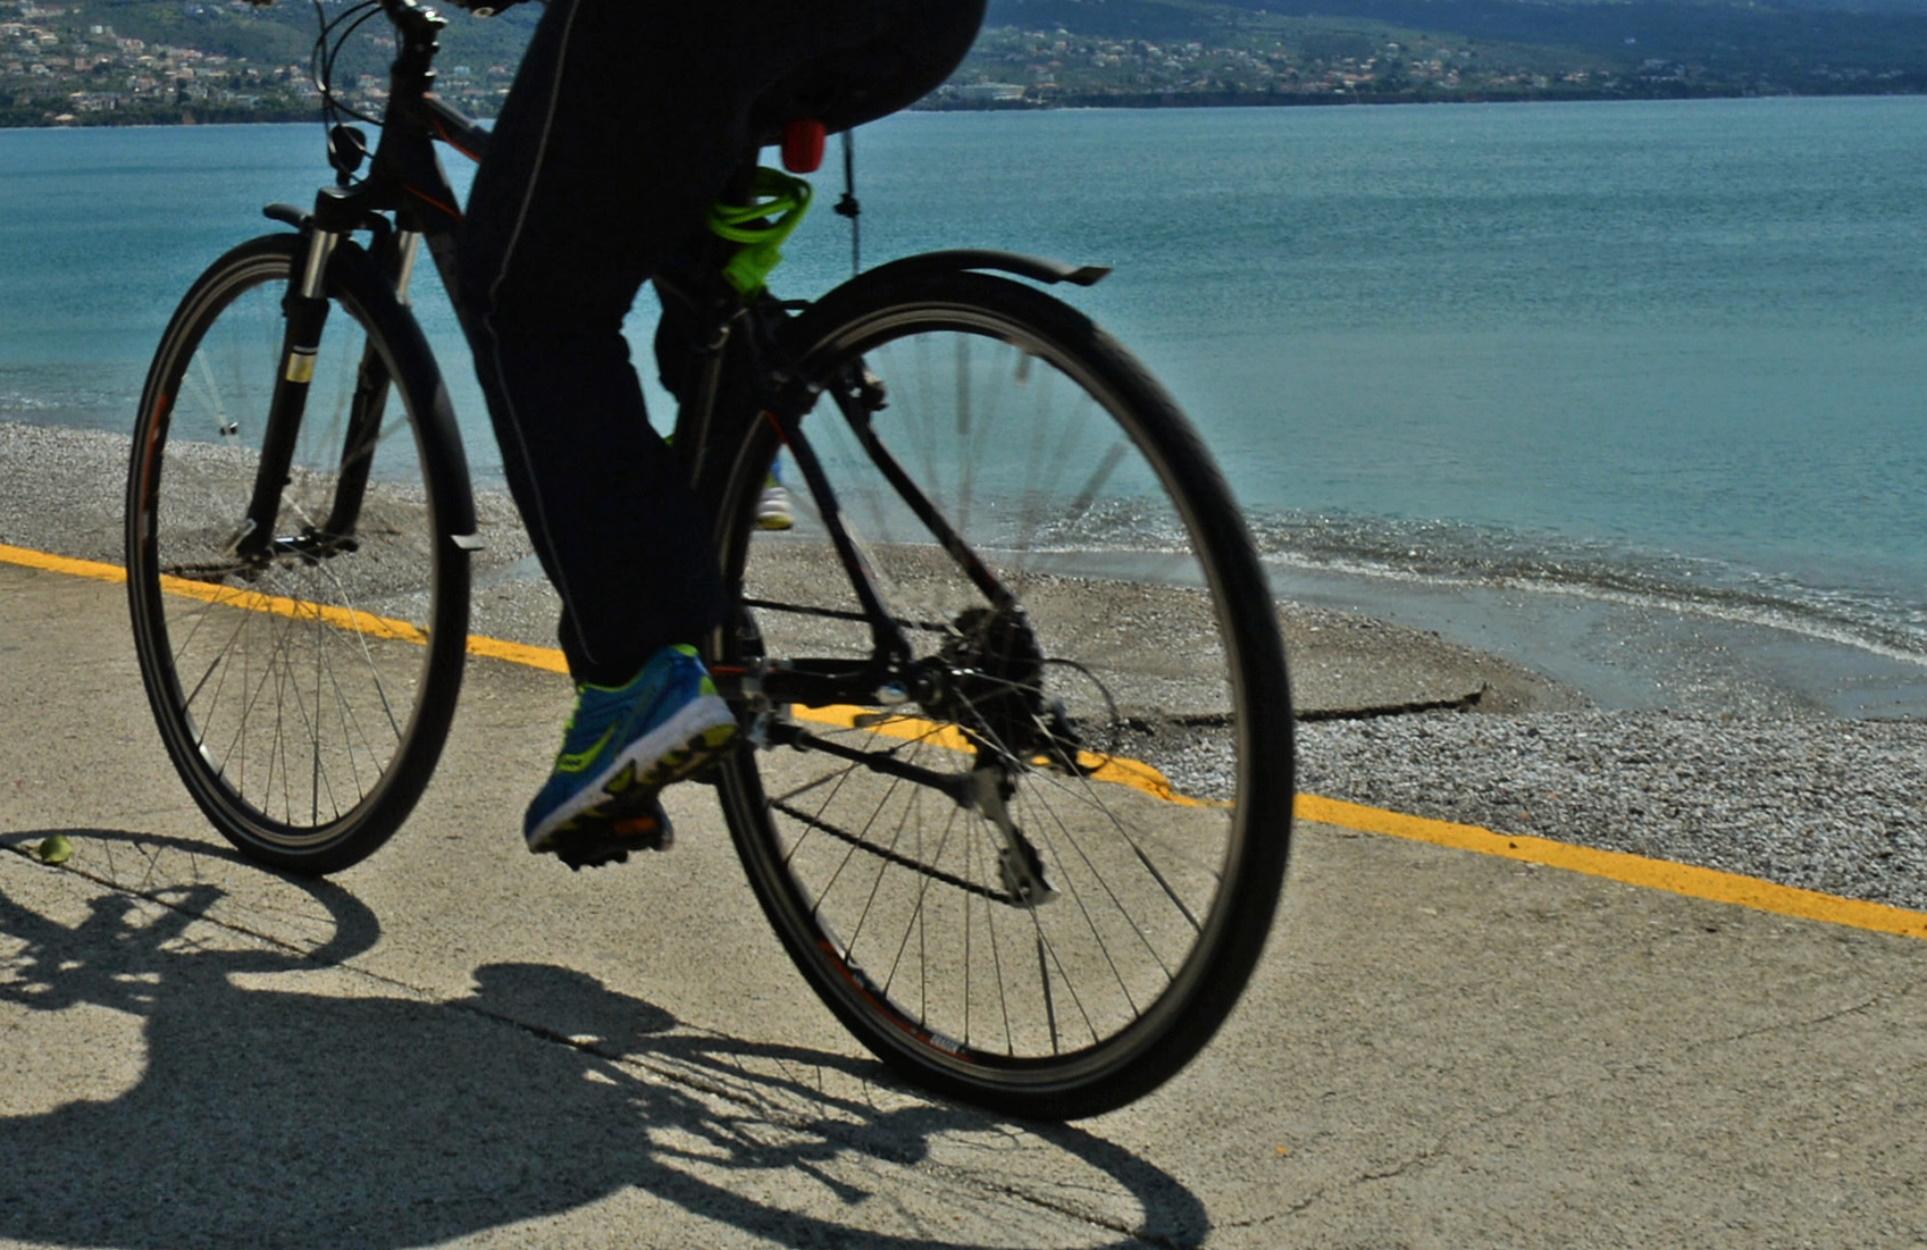 Κόρινθος: Στο νοσοκομείο ποδηλάτης μετά από παράσυρση και εγκατάλειψη στην παλιά εθνική